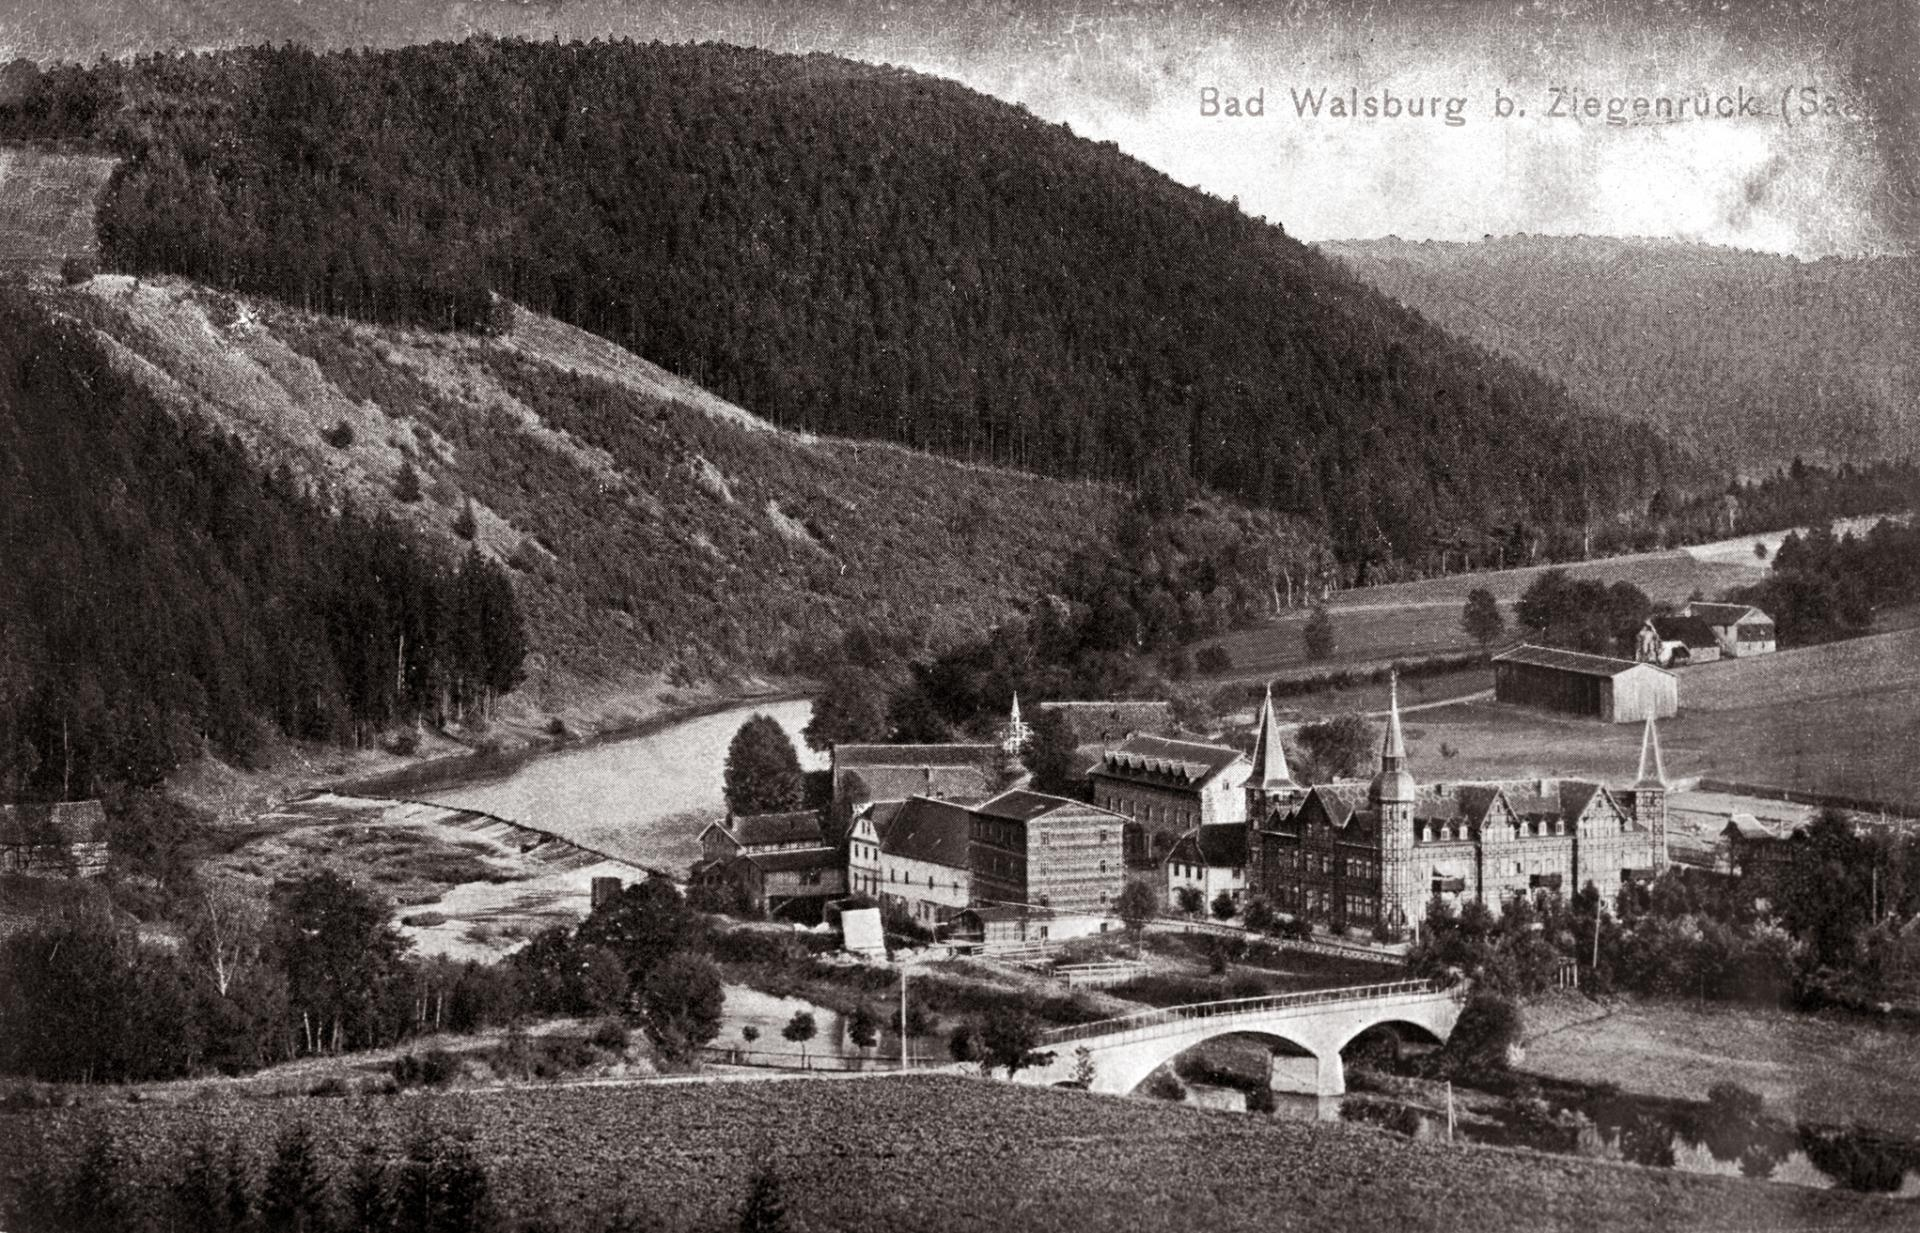 Walsburg